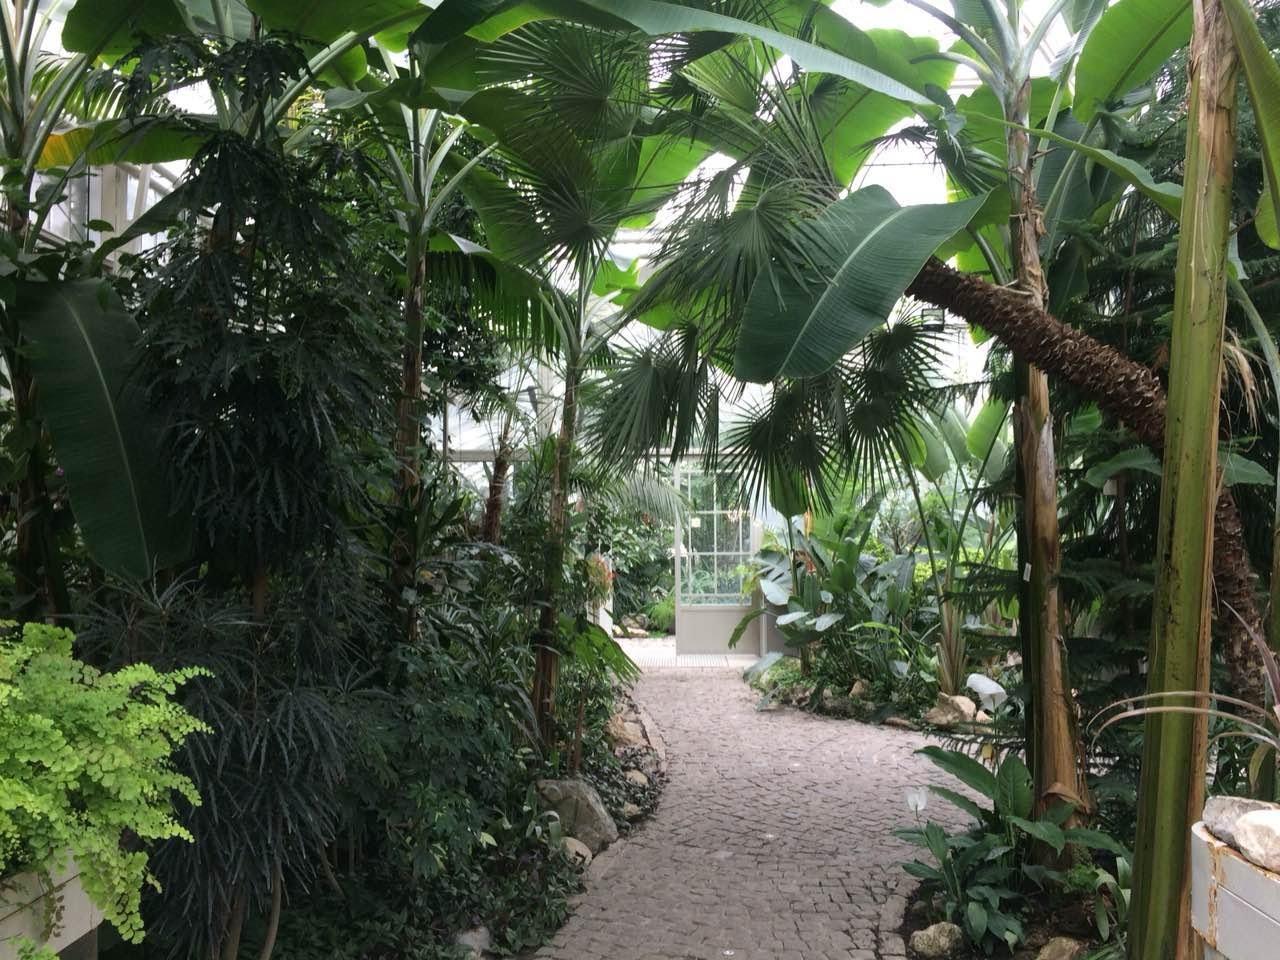 Botanička bašta Jevremovac, zaboravljeni raj u centru Beograda Botani%C4%8Dka-ba%C5%A1ta-jevremovac-beograd-9